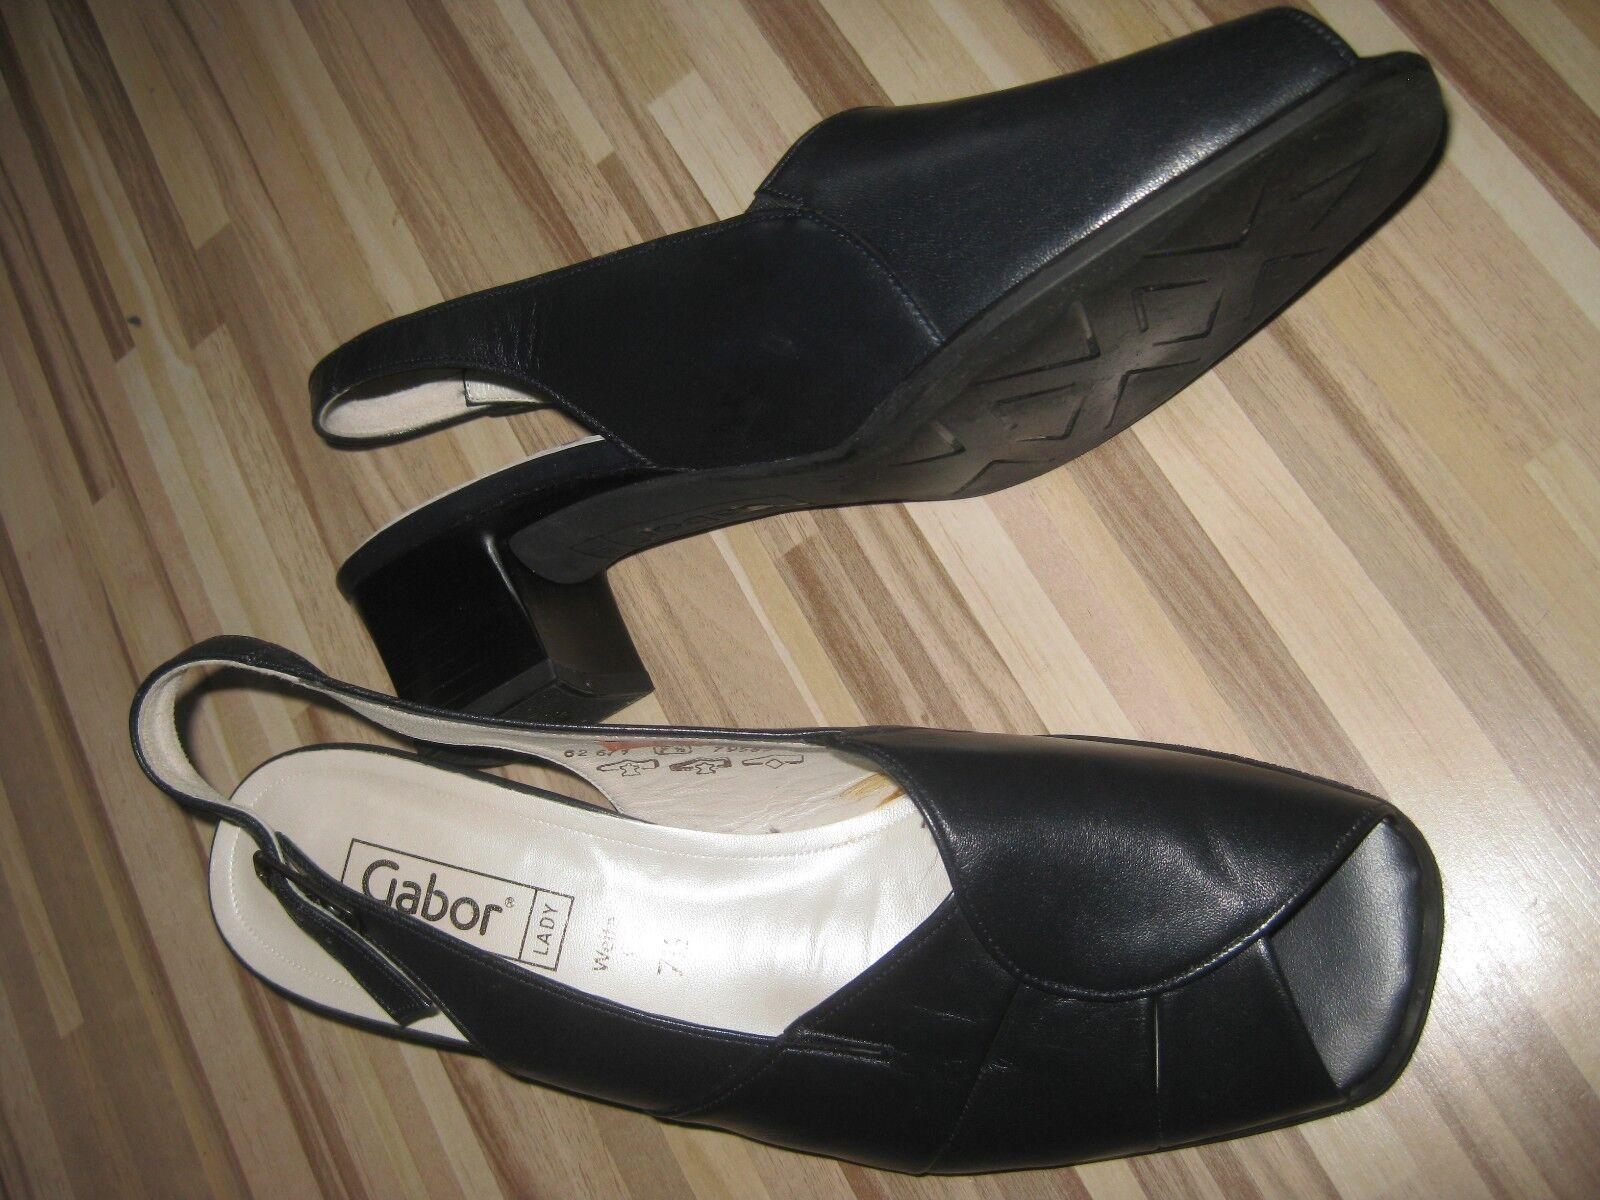 GABOR Lady Comfort Leder Sandaletten Gr.41 Gr.7,5 G anthrazit Neu